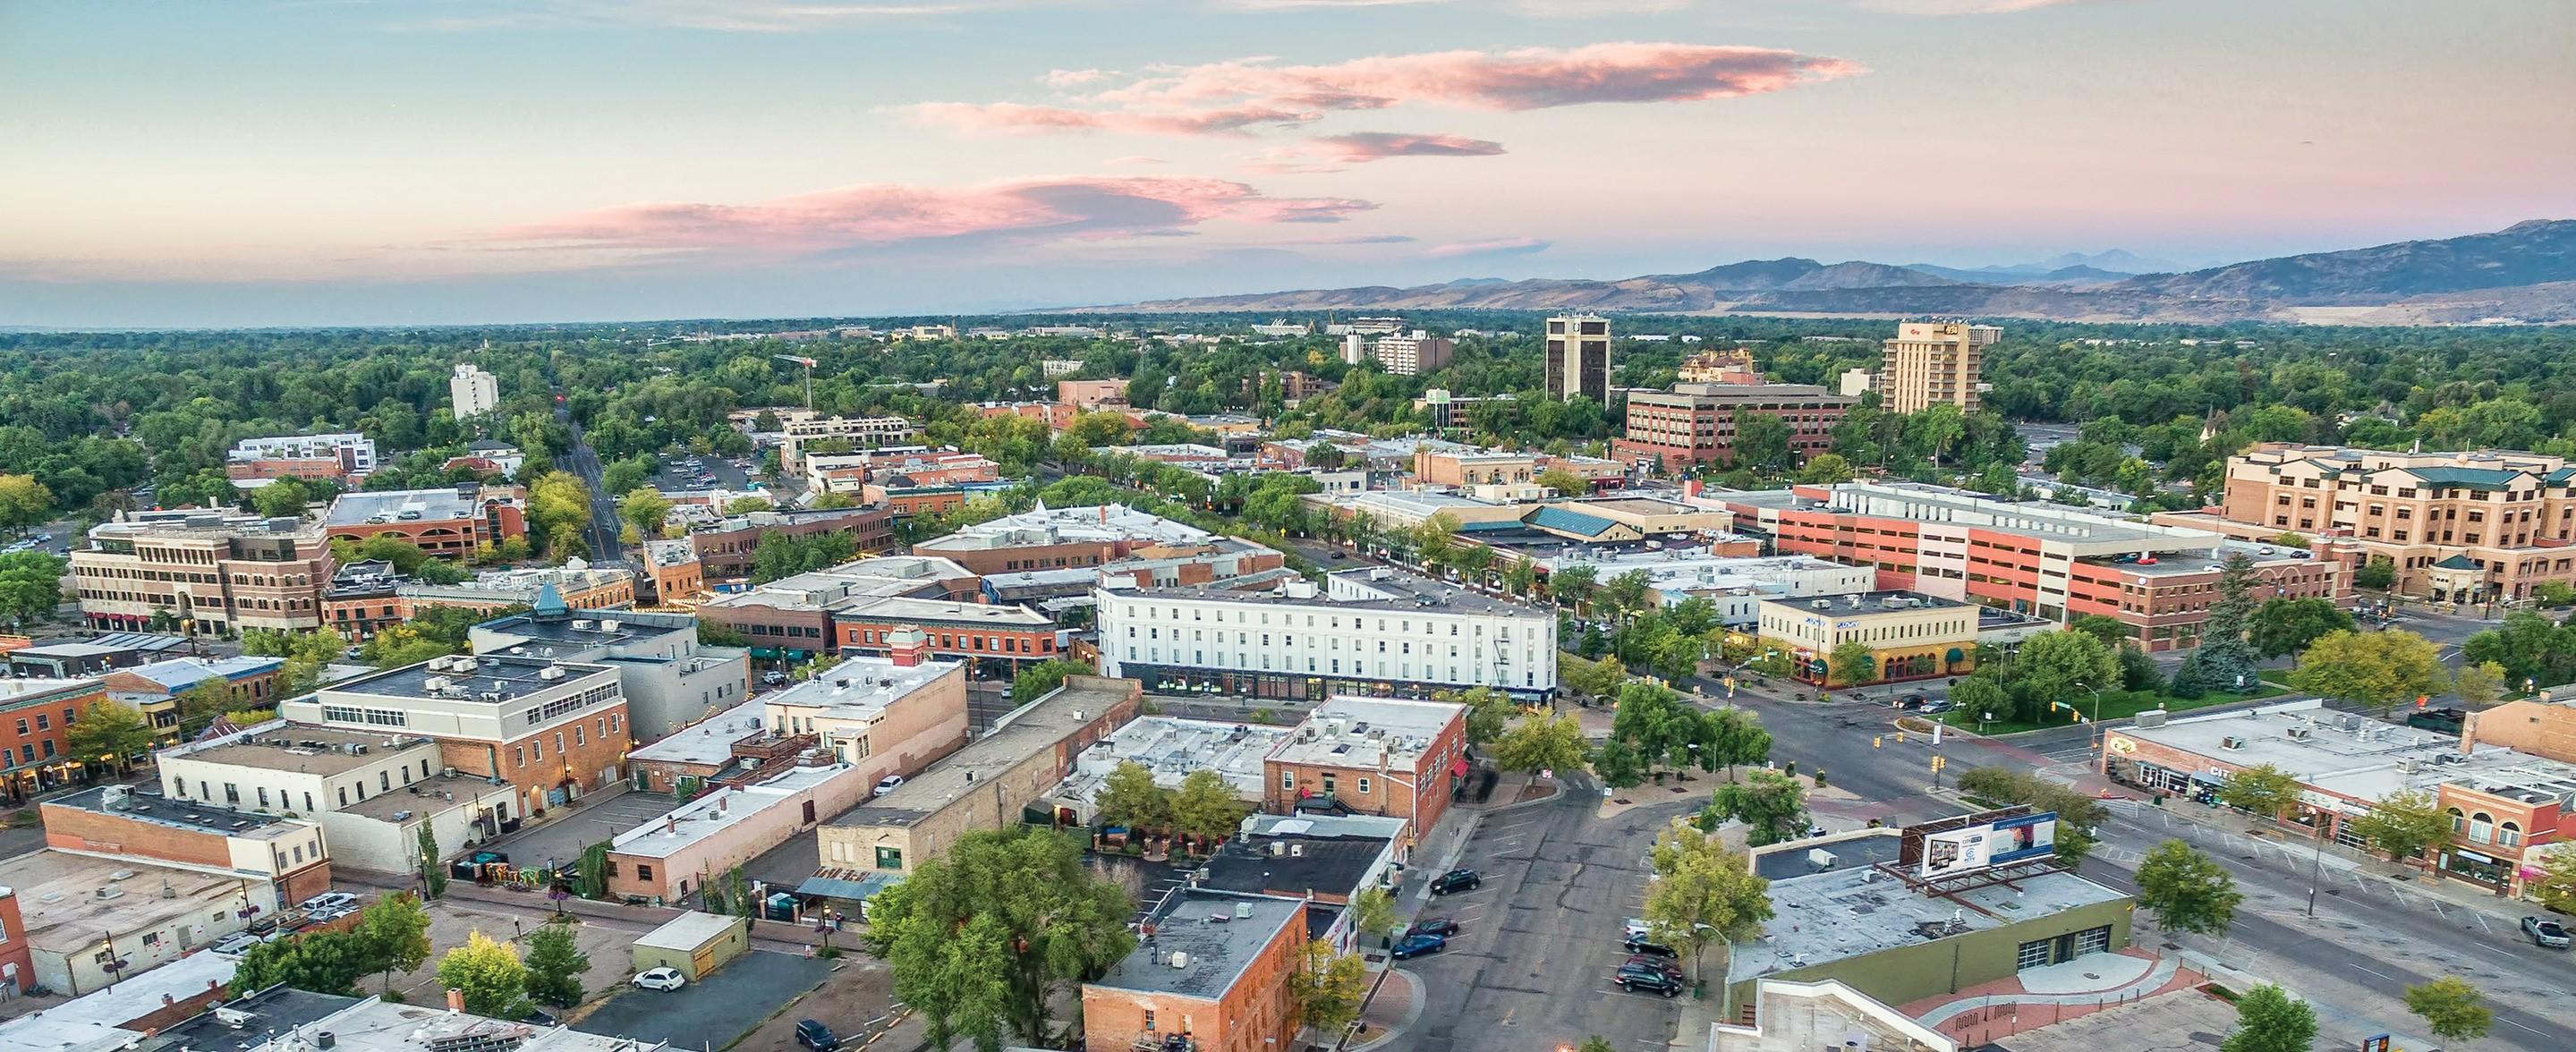 Fort Collins aerial shot